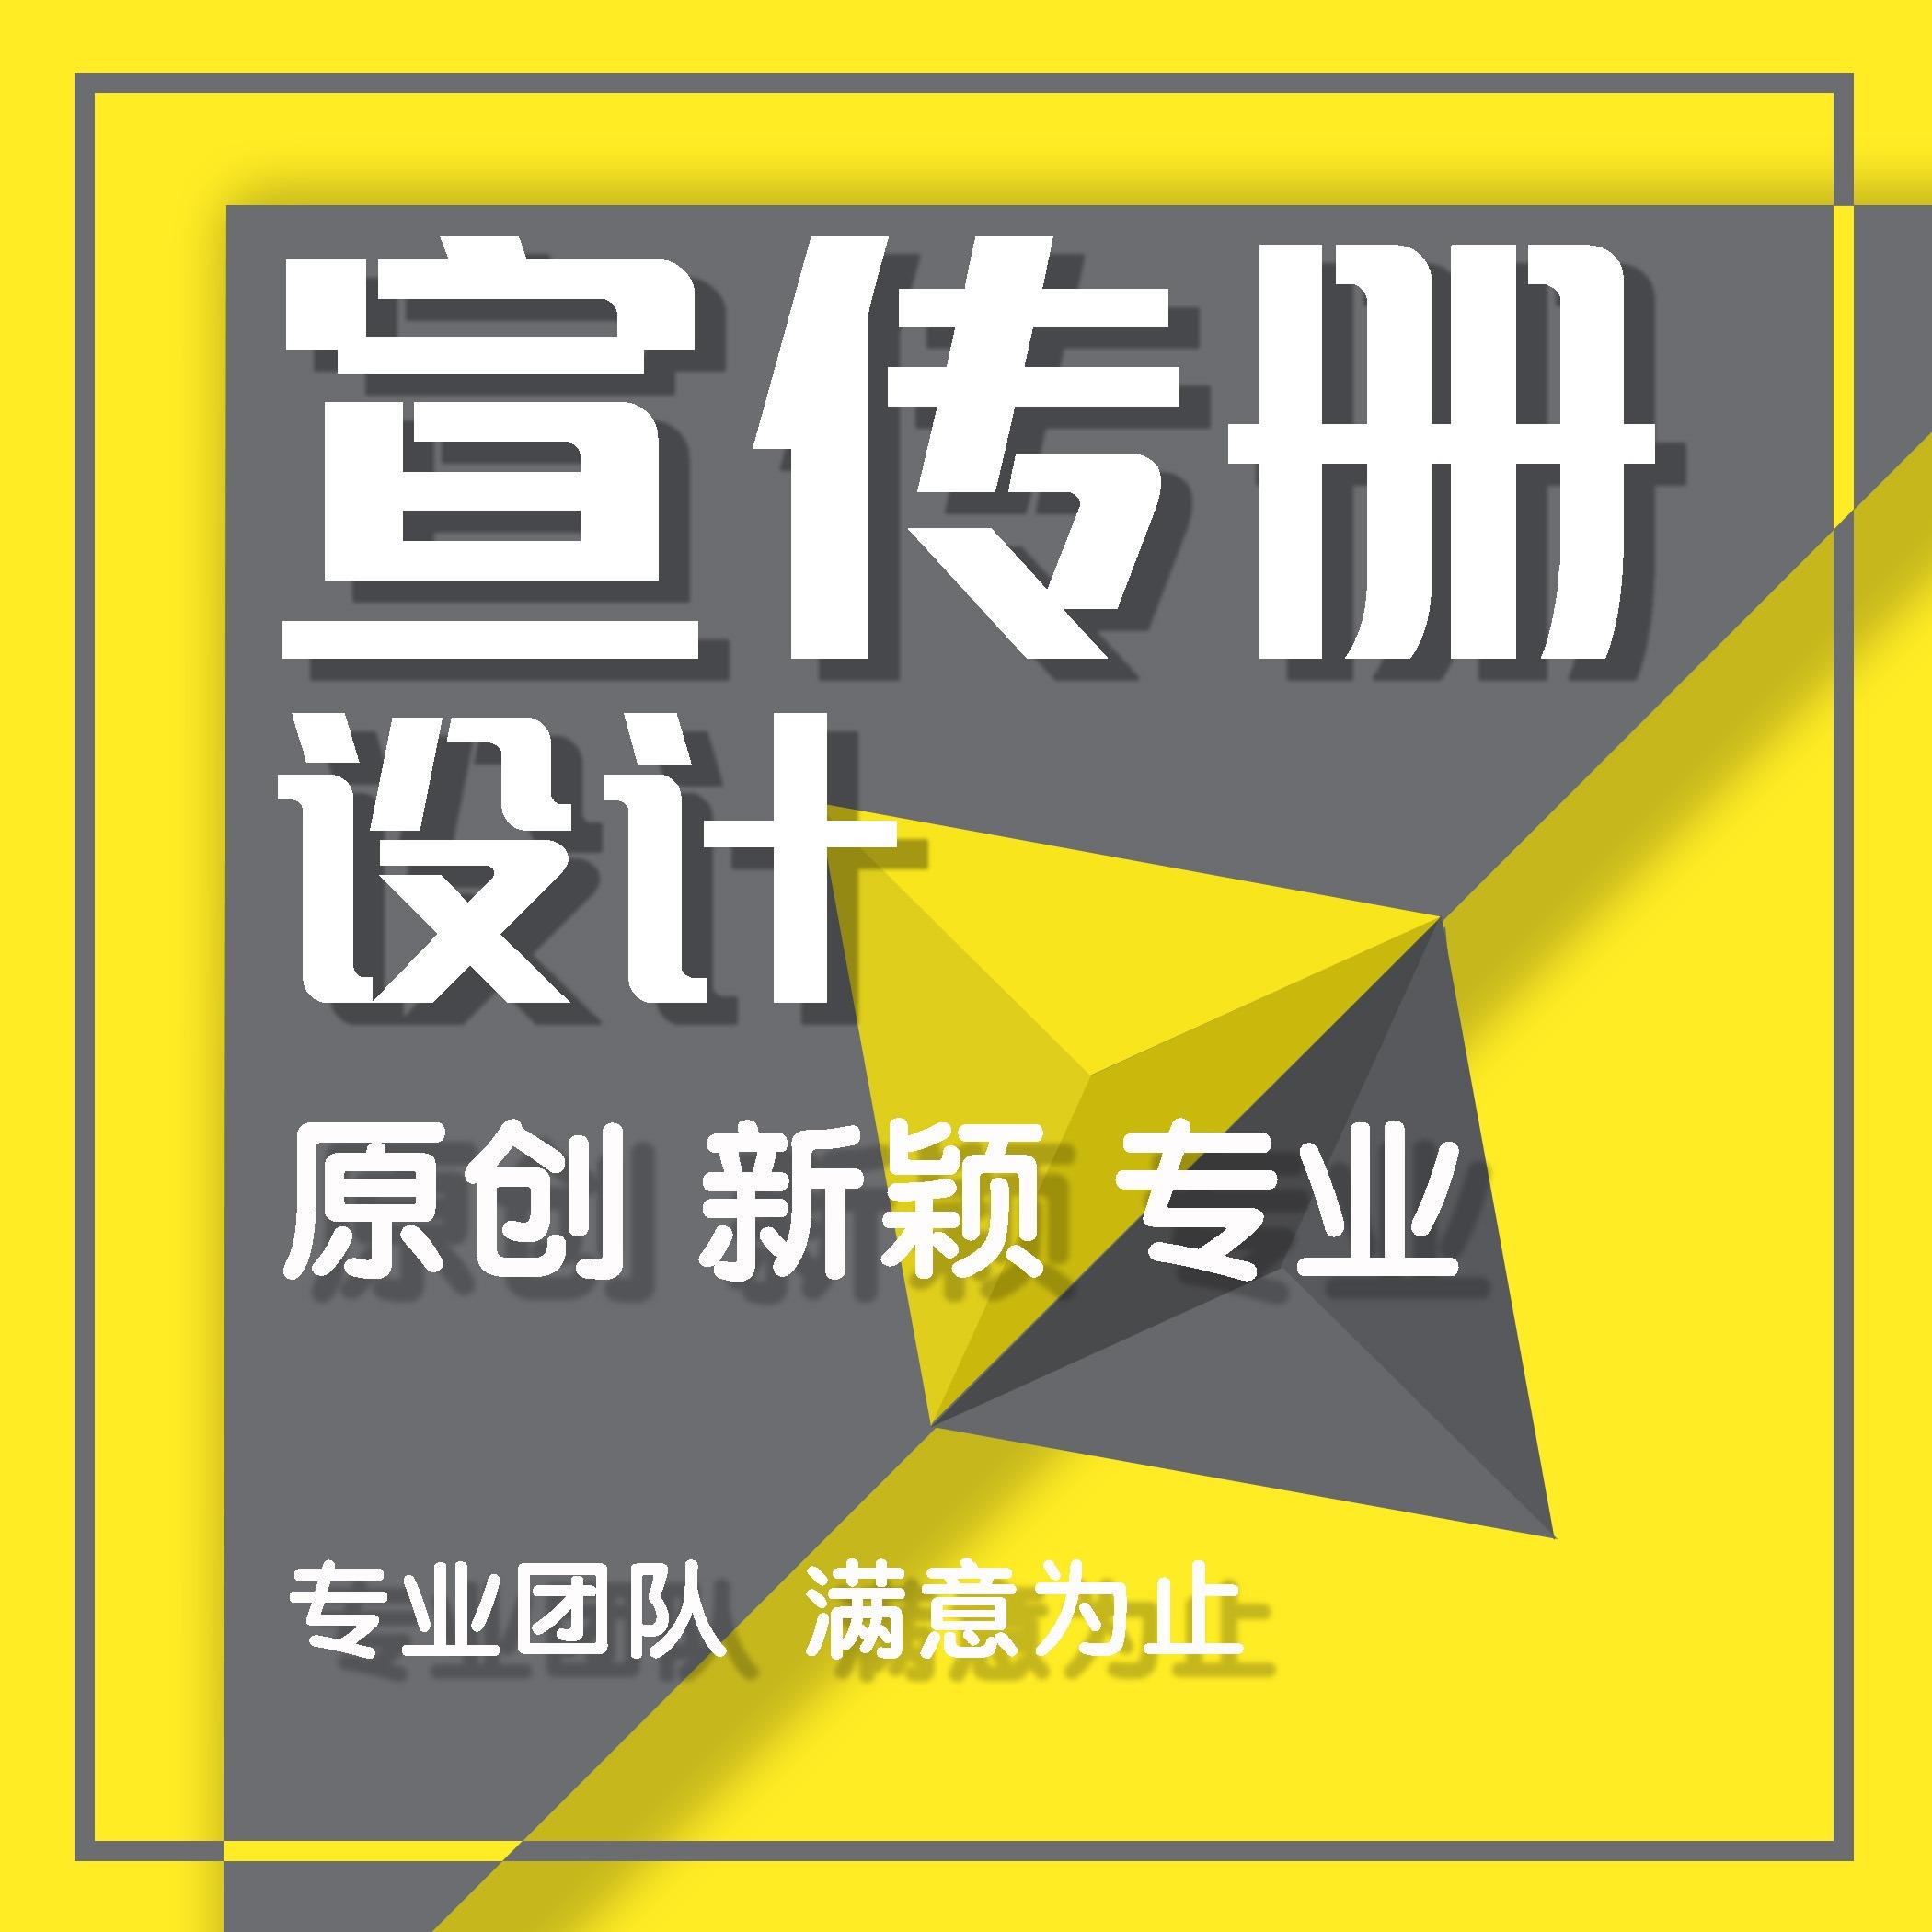 【宣传册设计】原创新颖专业宣传册折页设计企业公司形象宣传图册